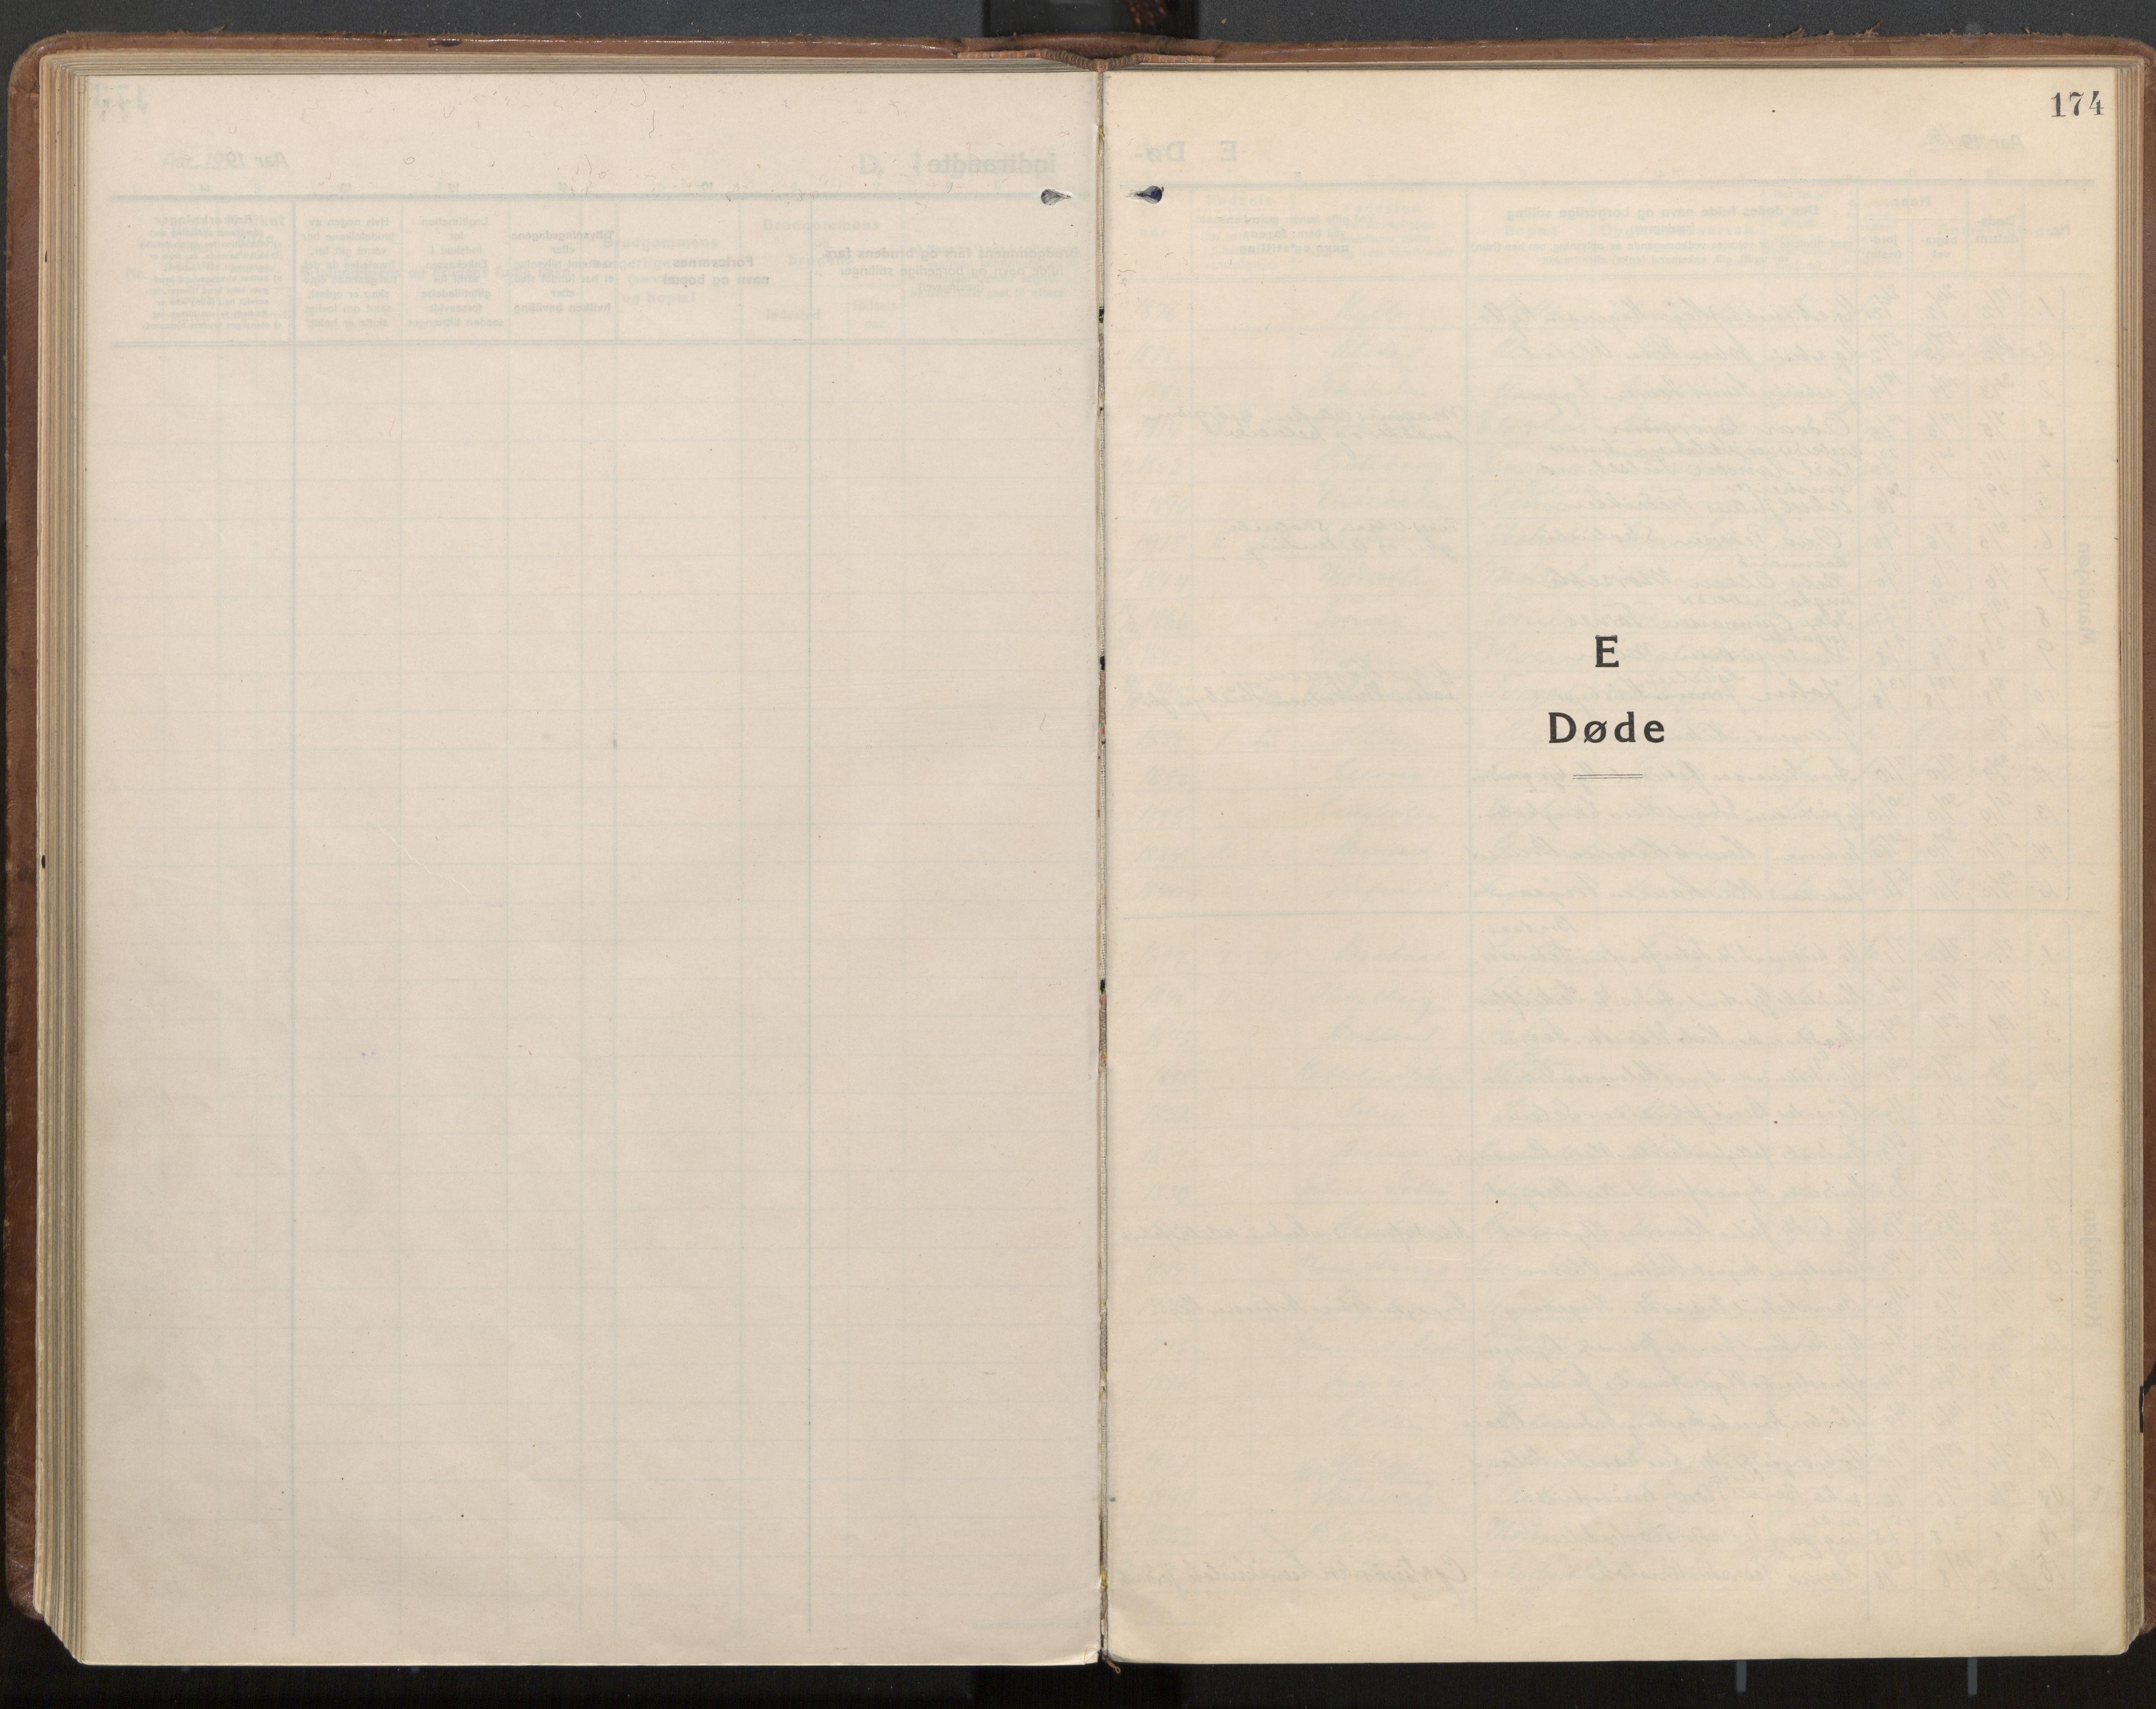 SAT, Ministerialprotokoller, klokkerbøker og fødselsregistre - Nord-Trøndelag, 703/L0037: Parish register (official) no. 703A10, 1915-1932, p. 174